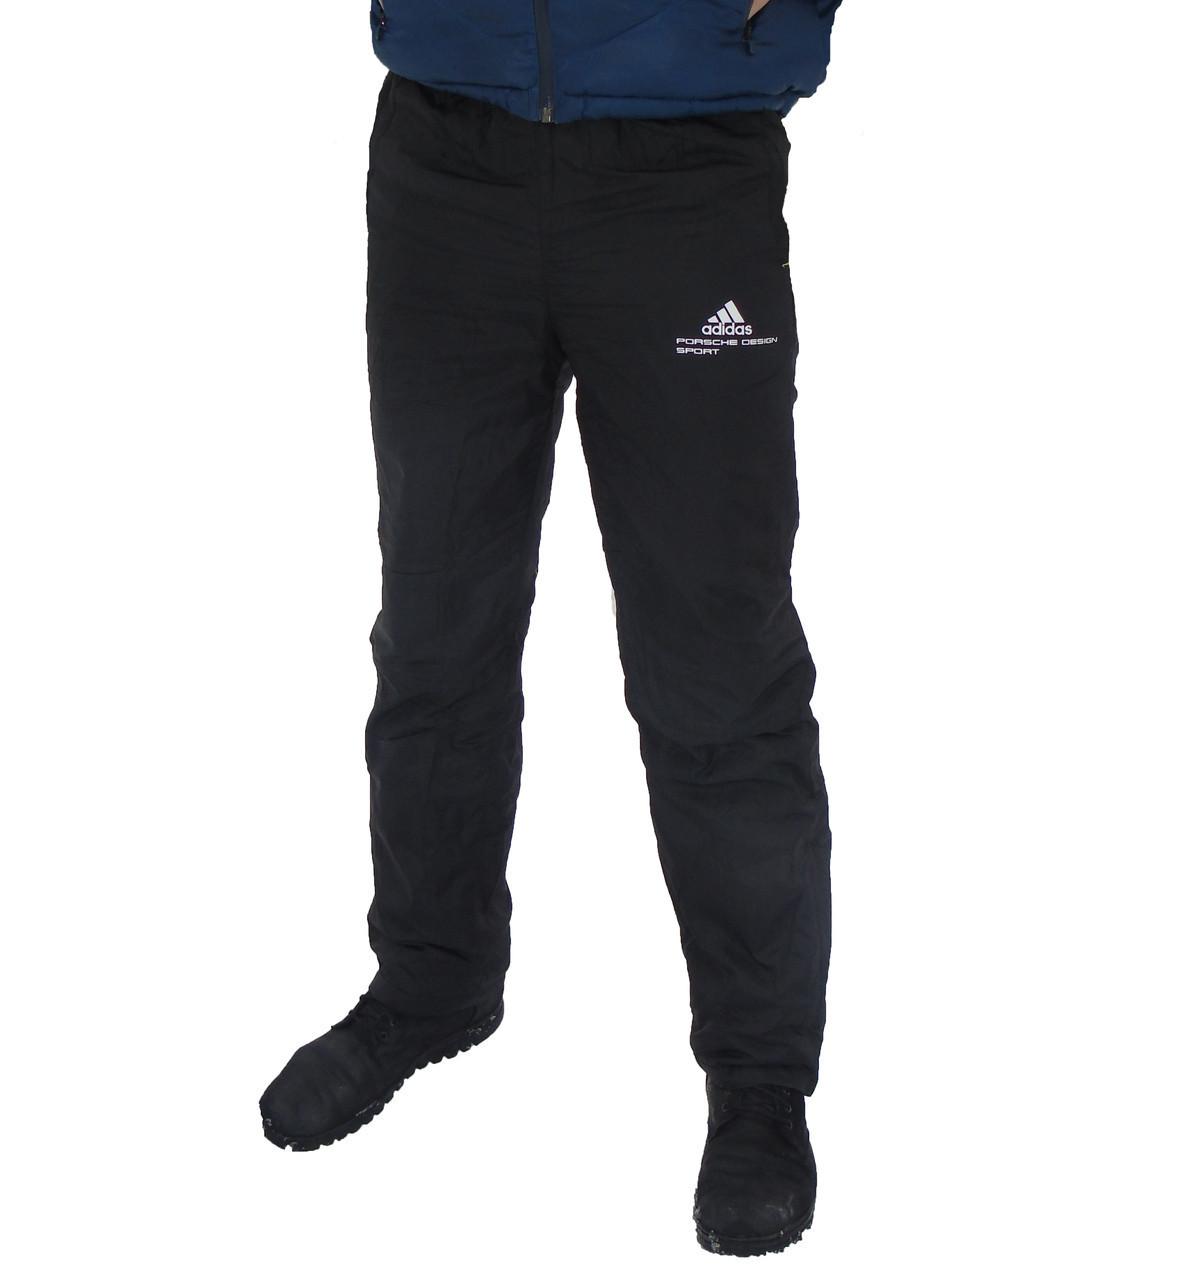 Зимние брюки Adidas Porsche Design 11100 черные